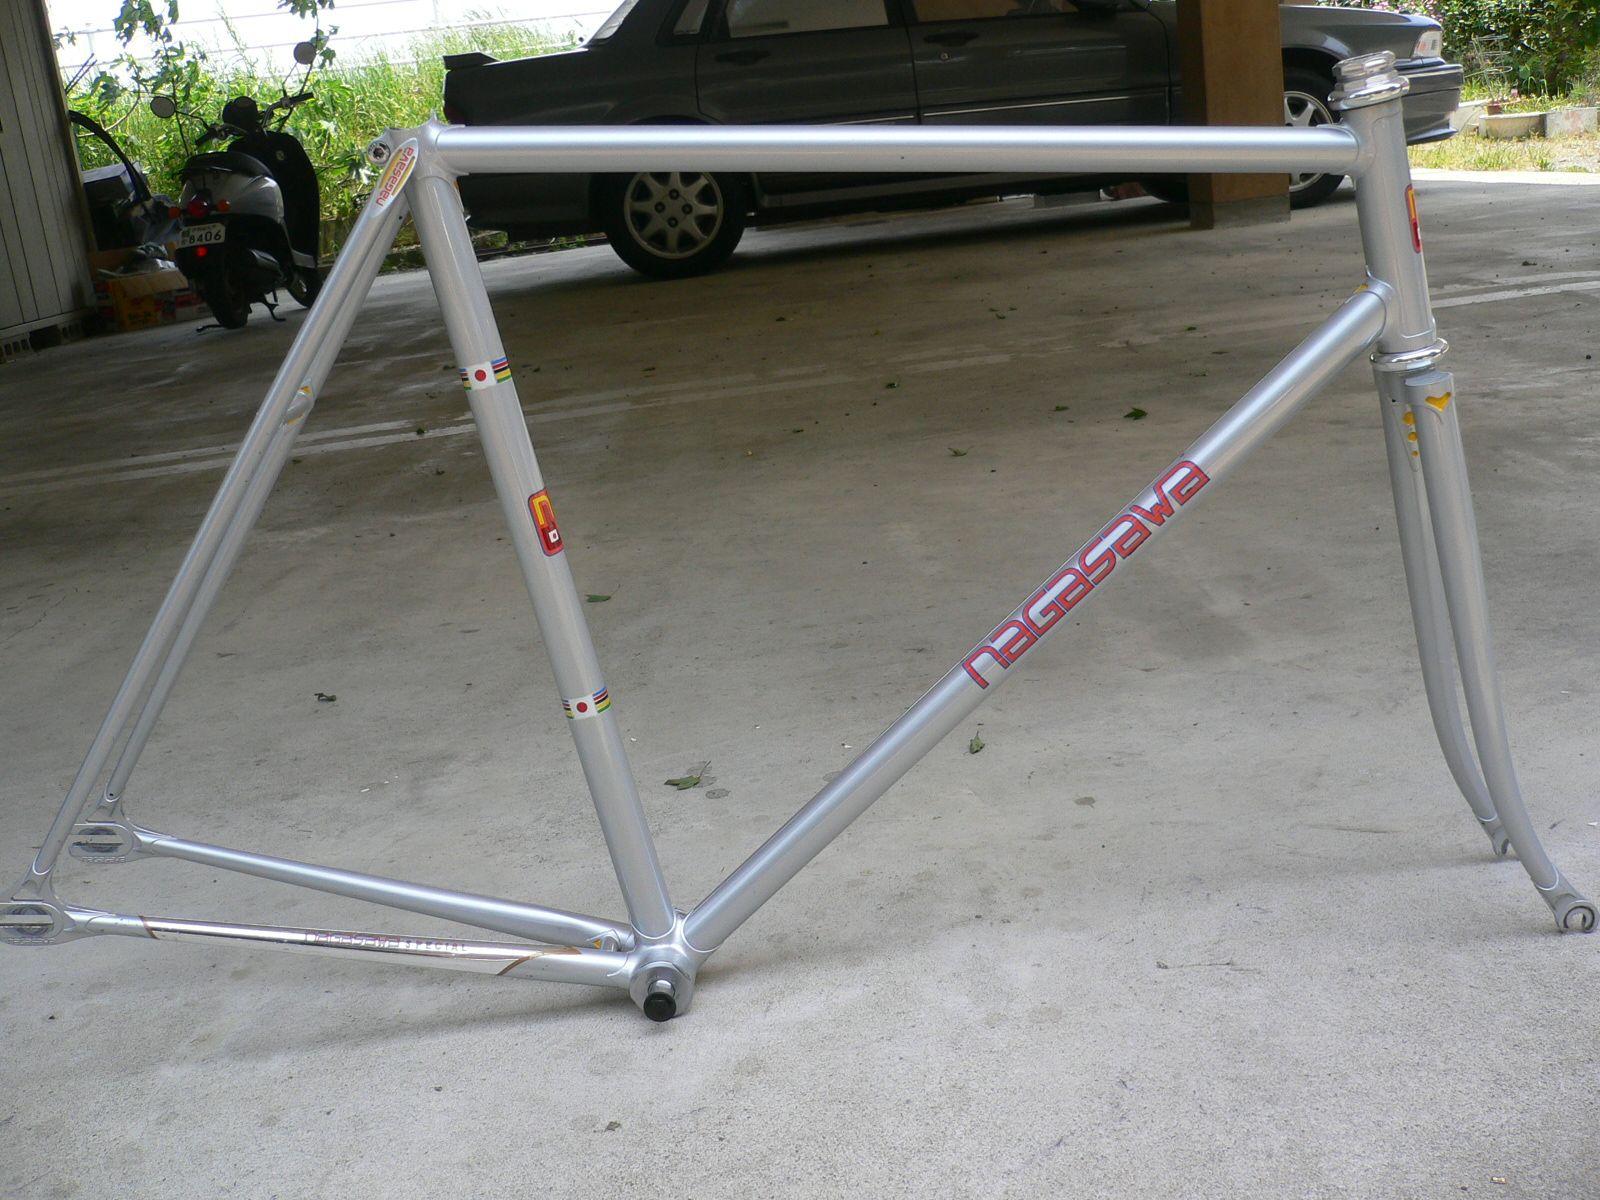 njs keirin track bike &frame for sell: NAGASAWA NJS keirin frame set ...